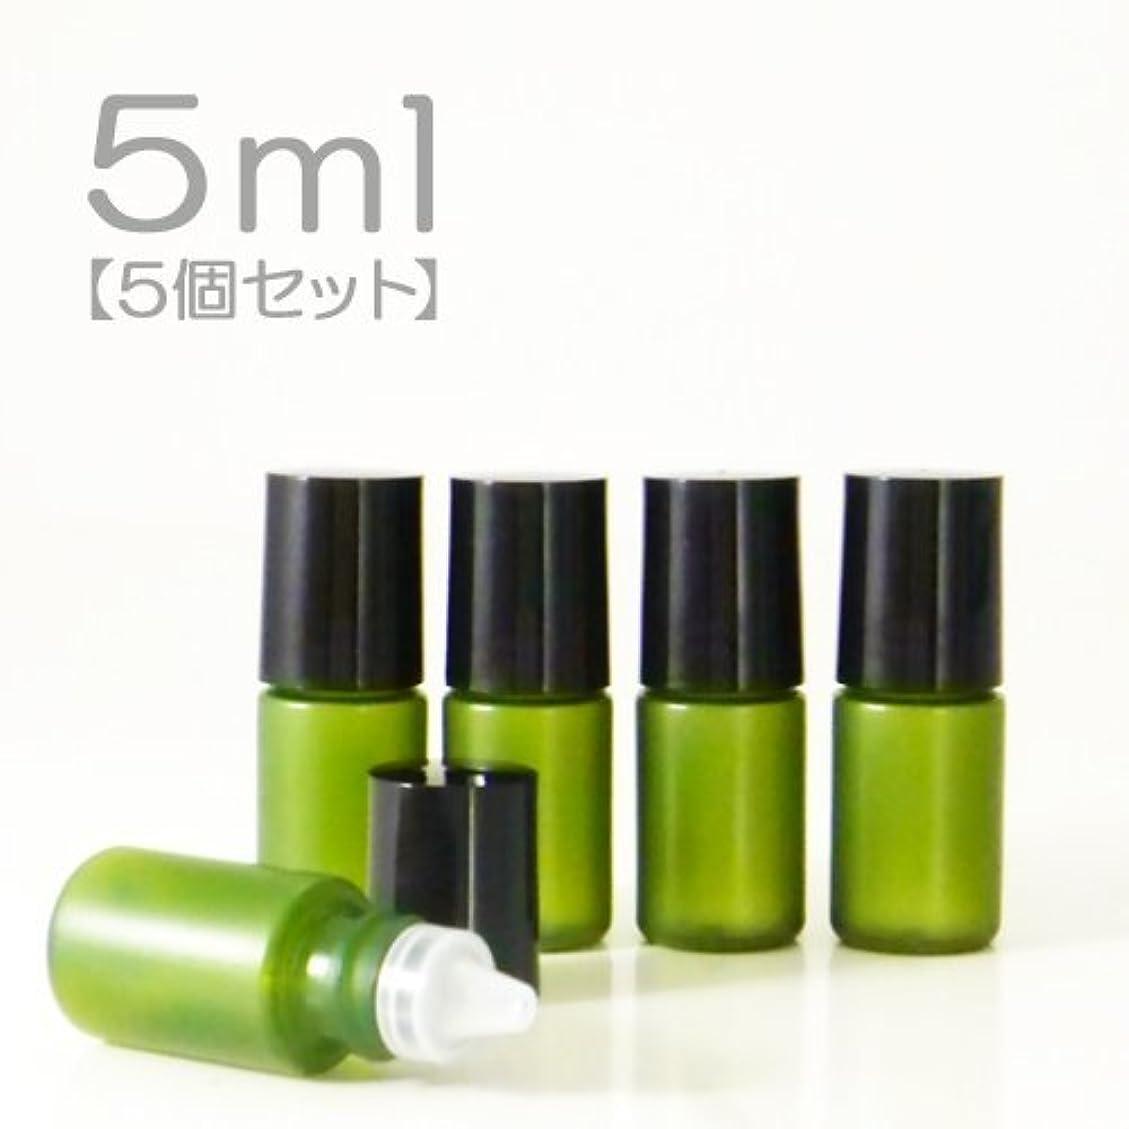 引用投資するビットミニボトル容器 5ml グリーン (5個セット) 【化粧品容器】